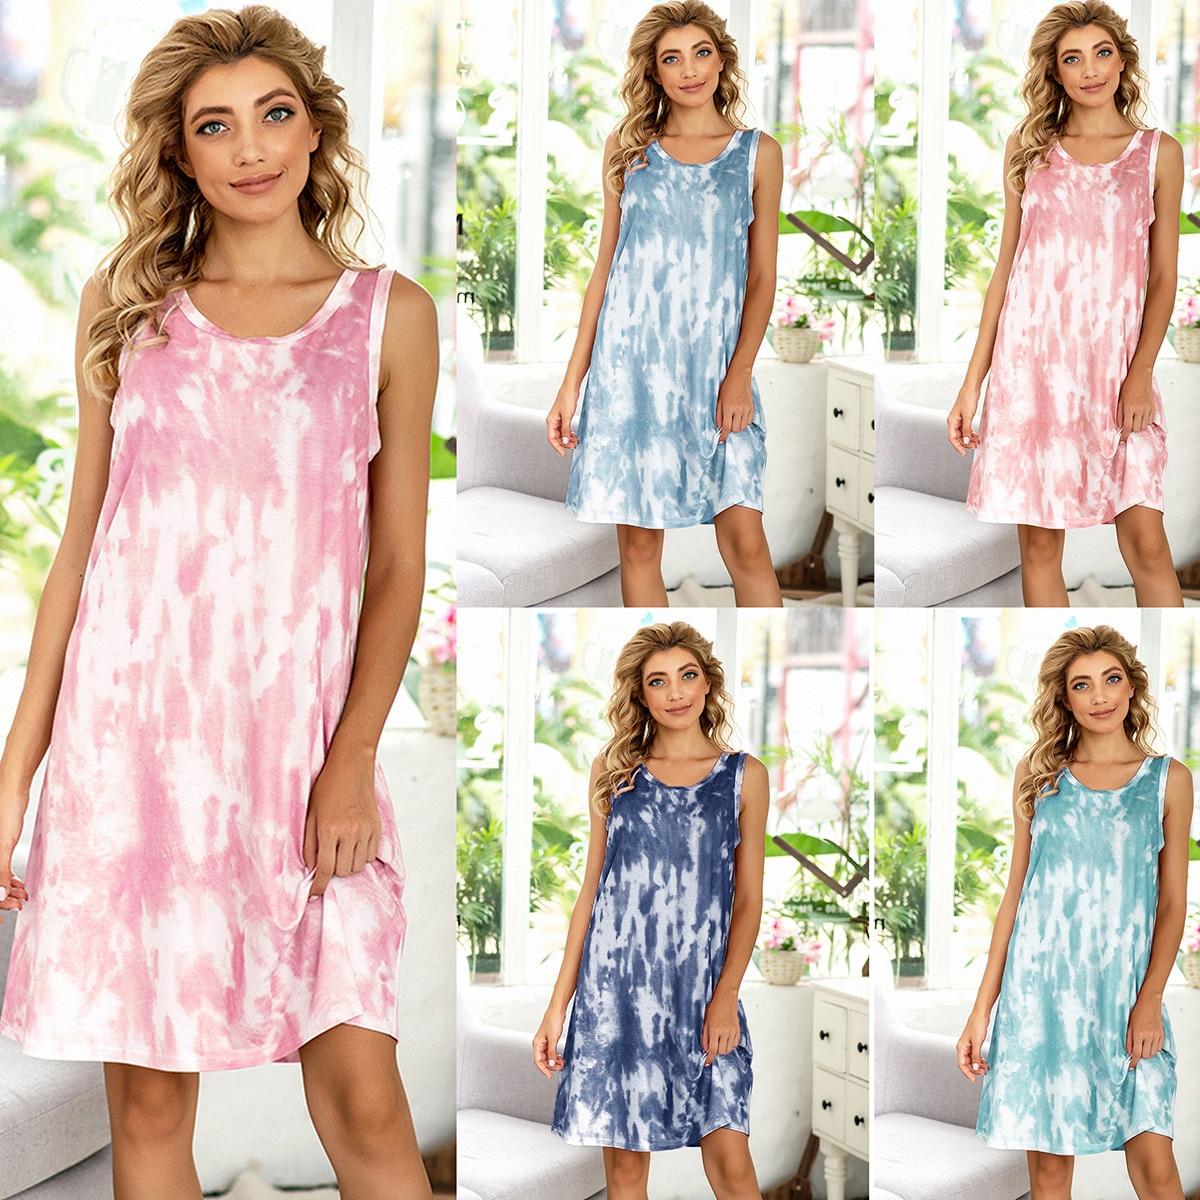 2020 New Summer Casual Printed Tie-dye Nightdress Home Wear Womens Nightgown Sleepwear Sexy Sleepwear Night Gown Sleep Wear